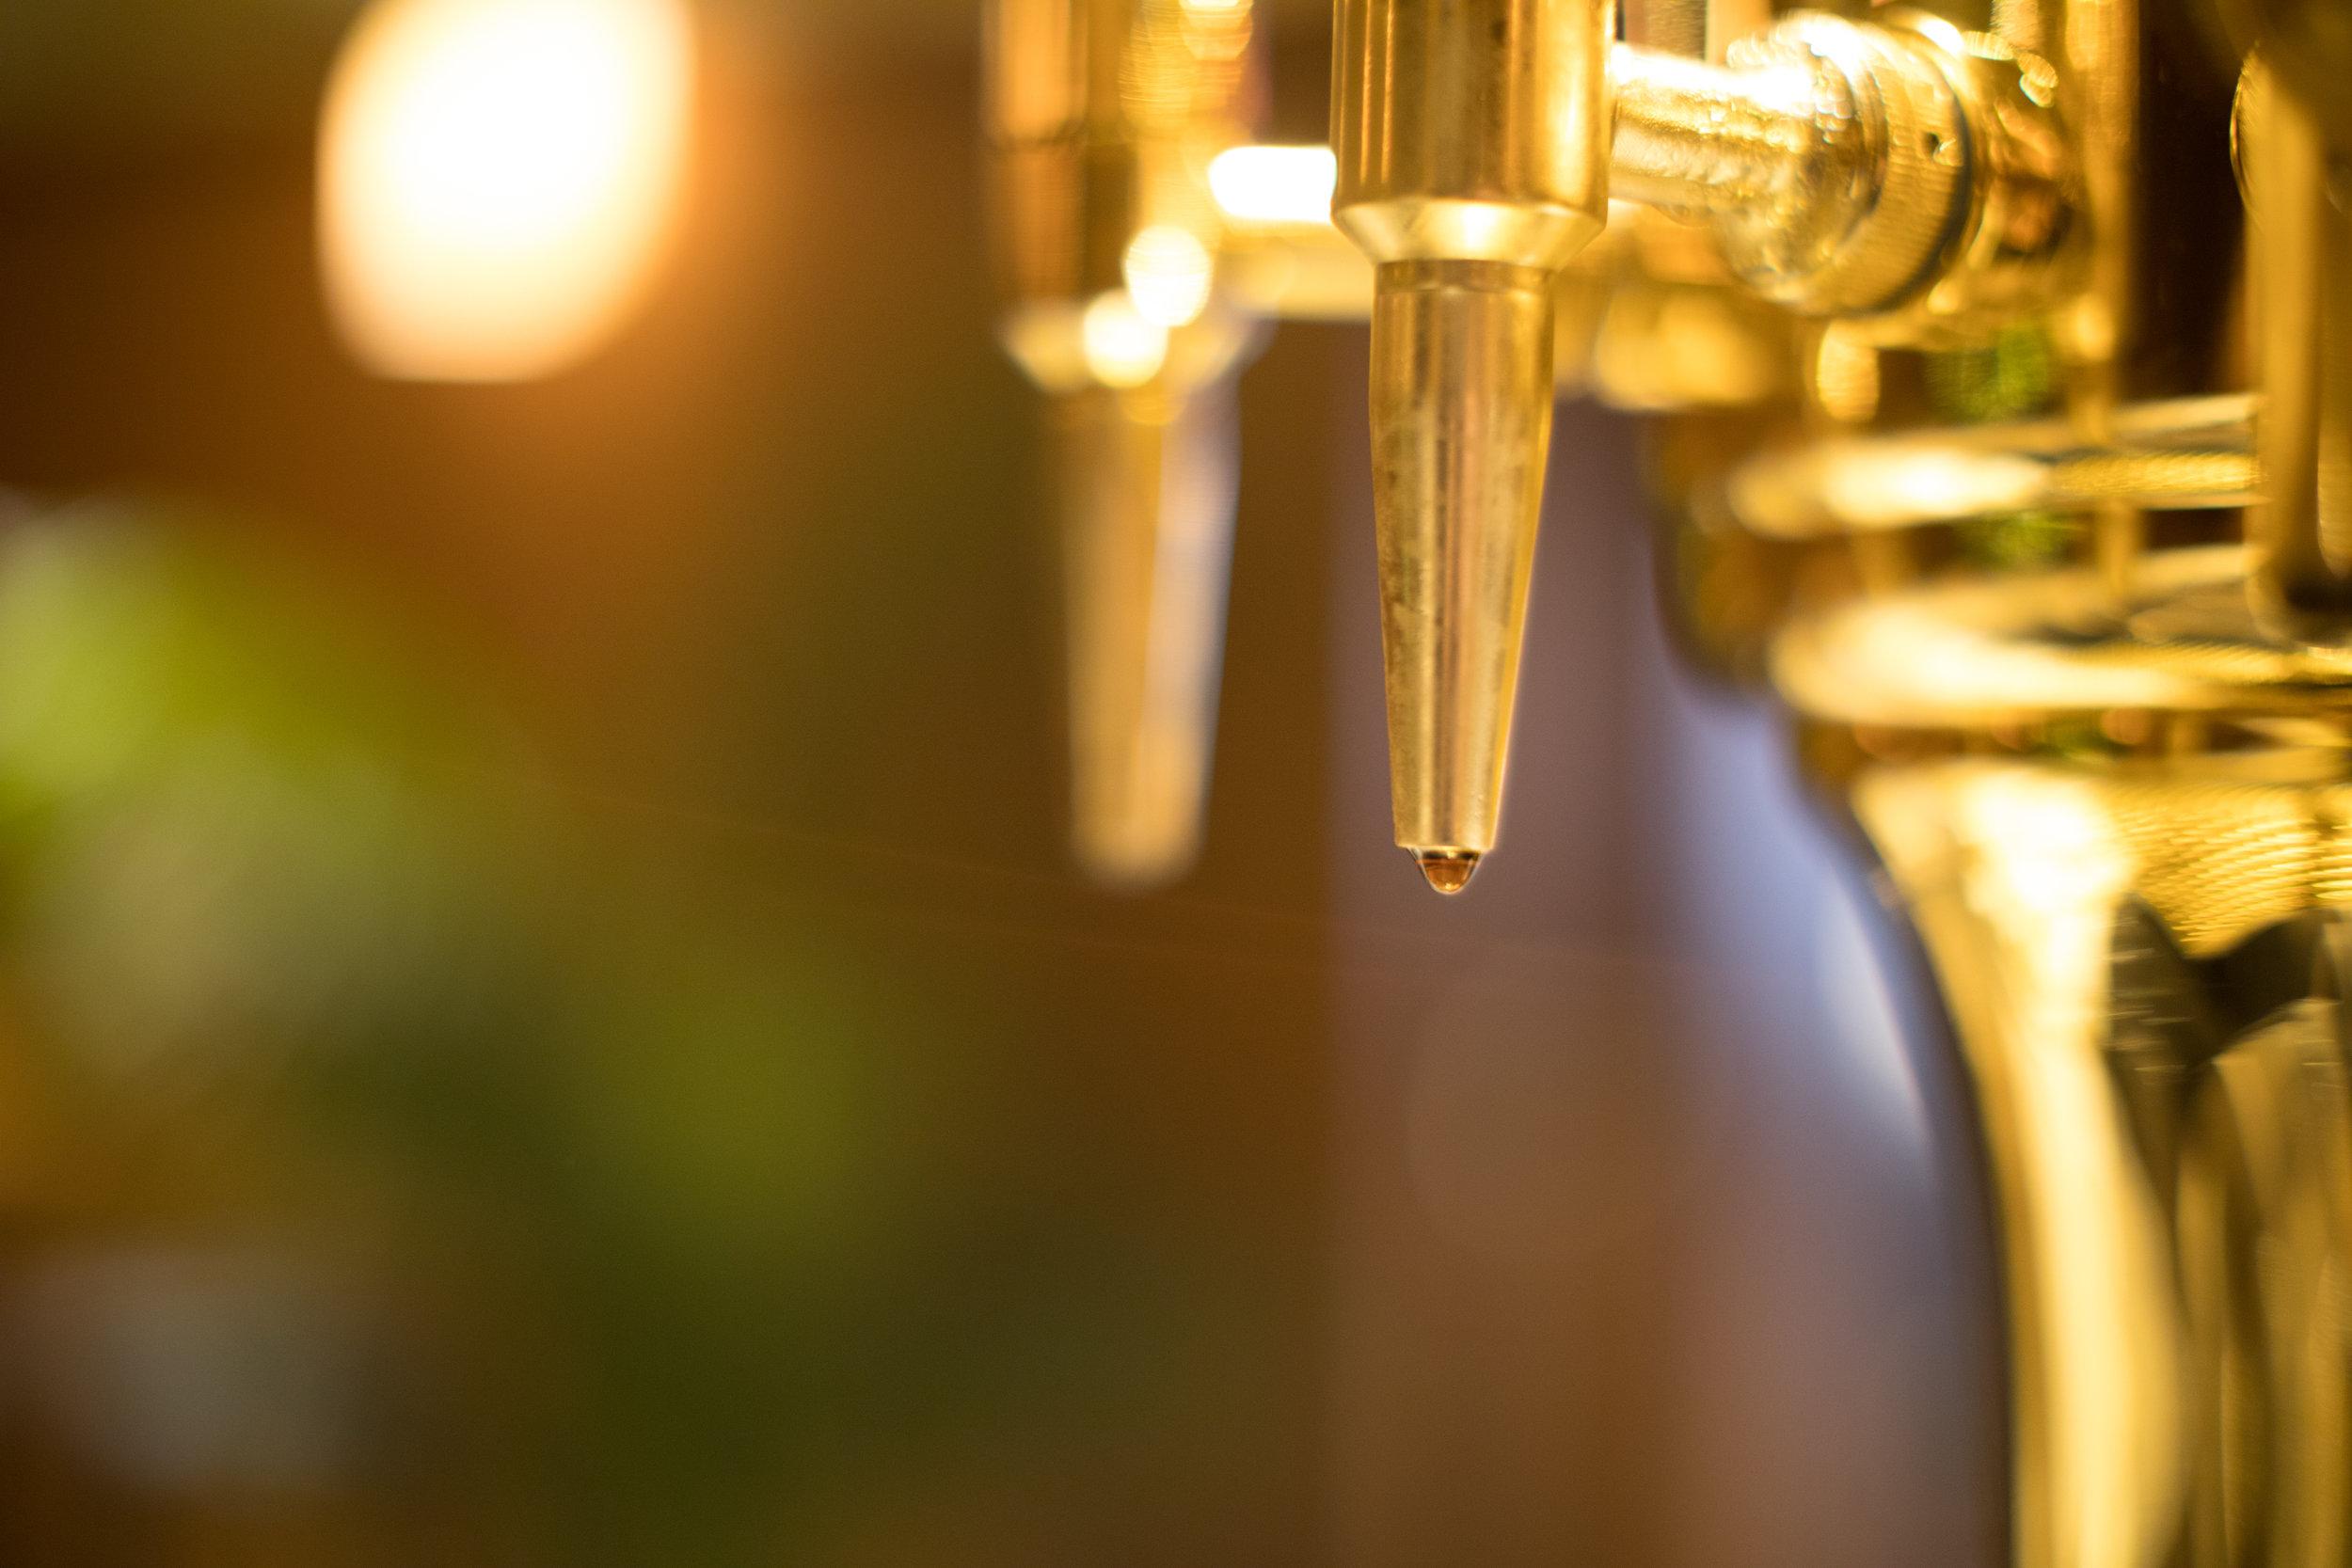 Shining beer drafts at Bubo NYC.